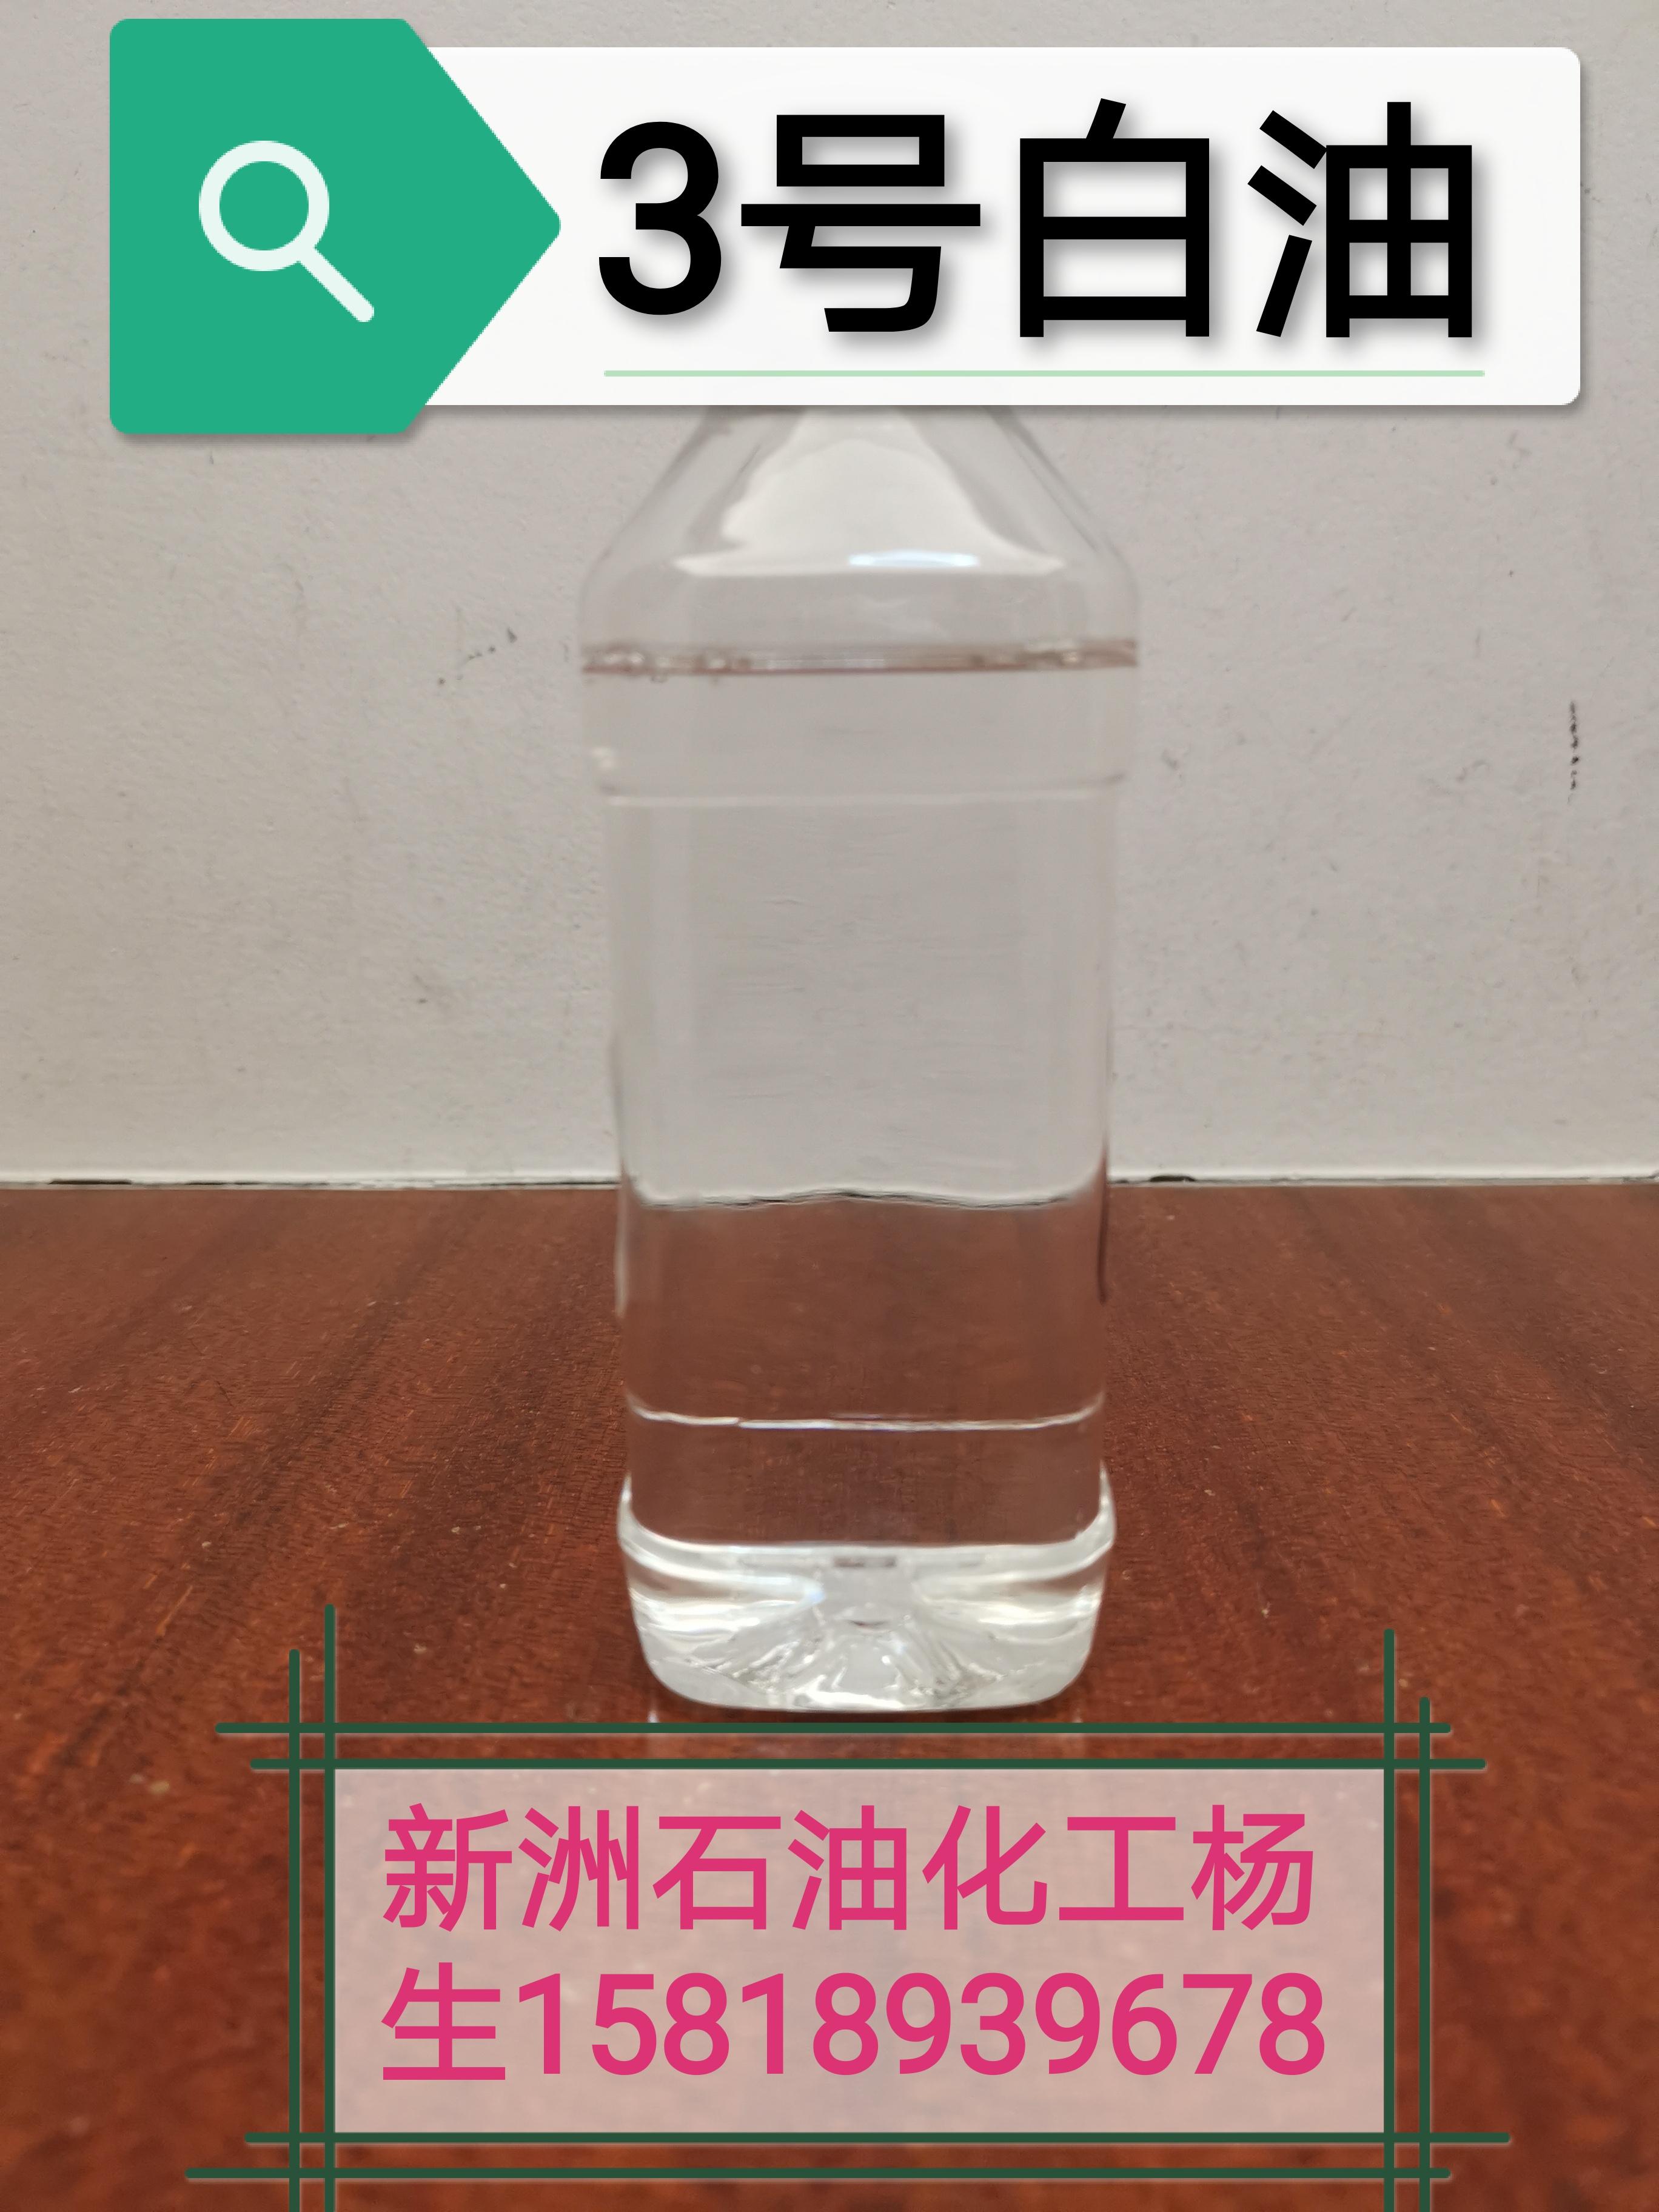 供应用于硅酮胶白油油|PVC降粘剂|增塑3#白油  玻璃胶用白油 批发   3#白油直销 3#白油供应   3#白油价格